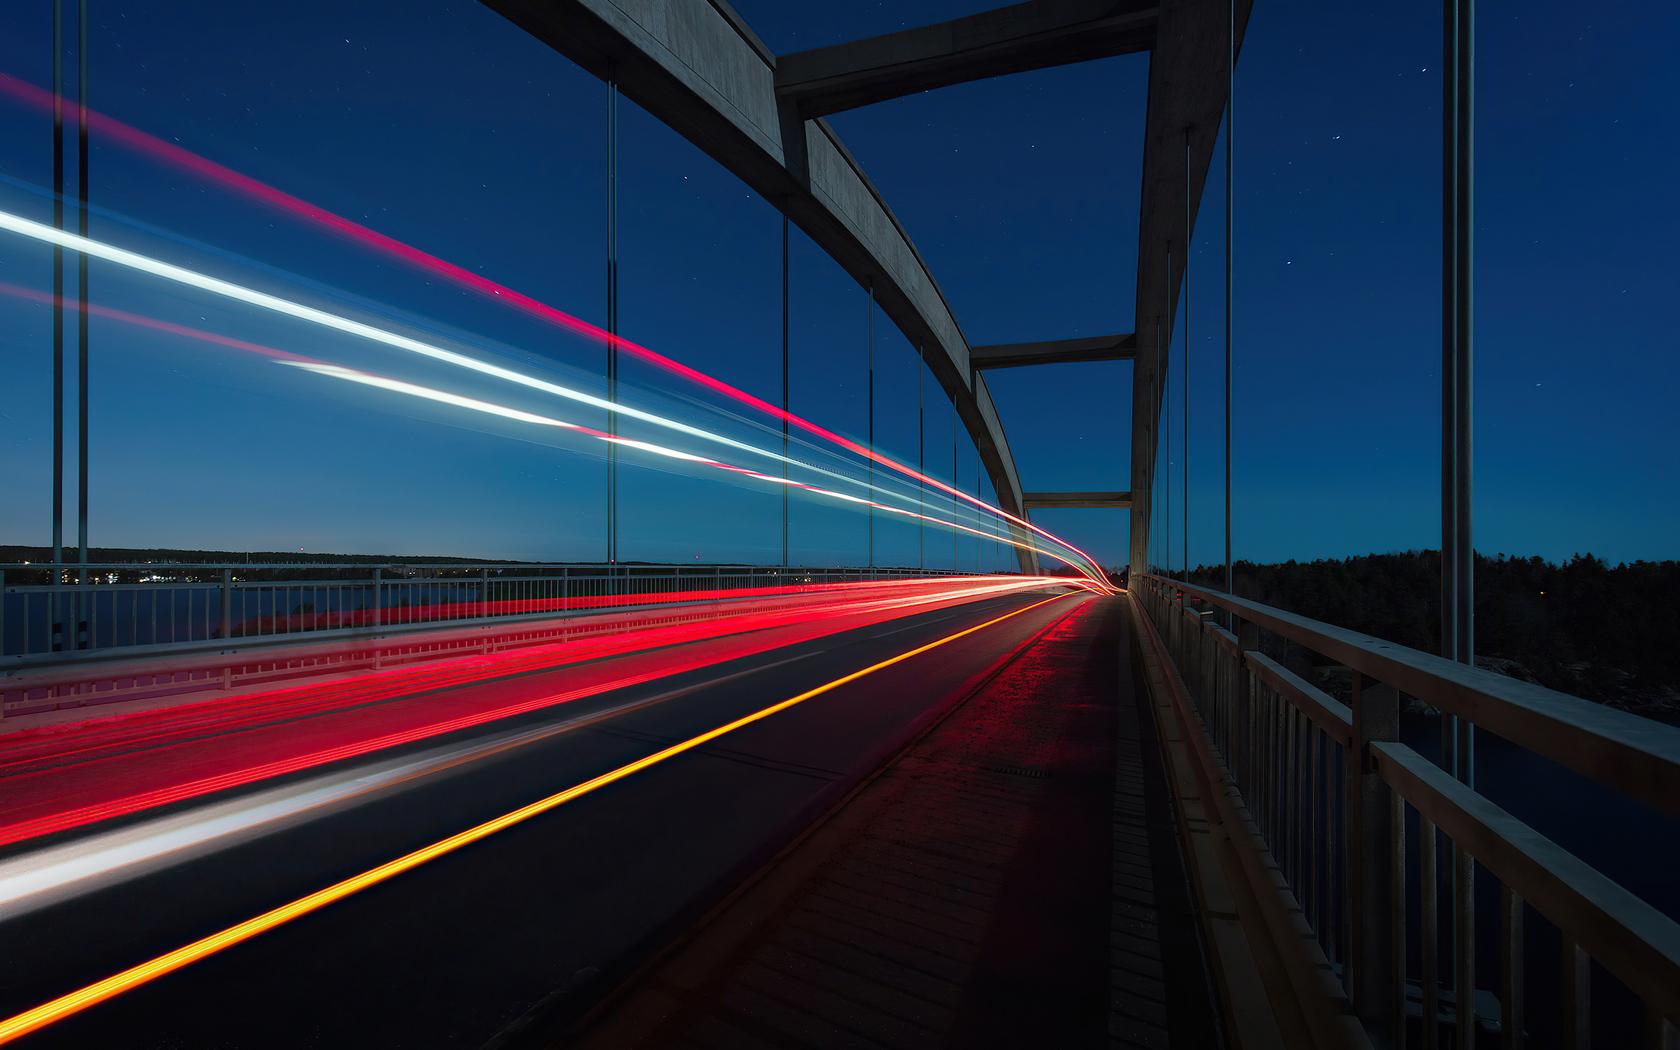 highway-road-long-exposure-4k-8l.jpg